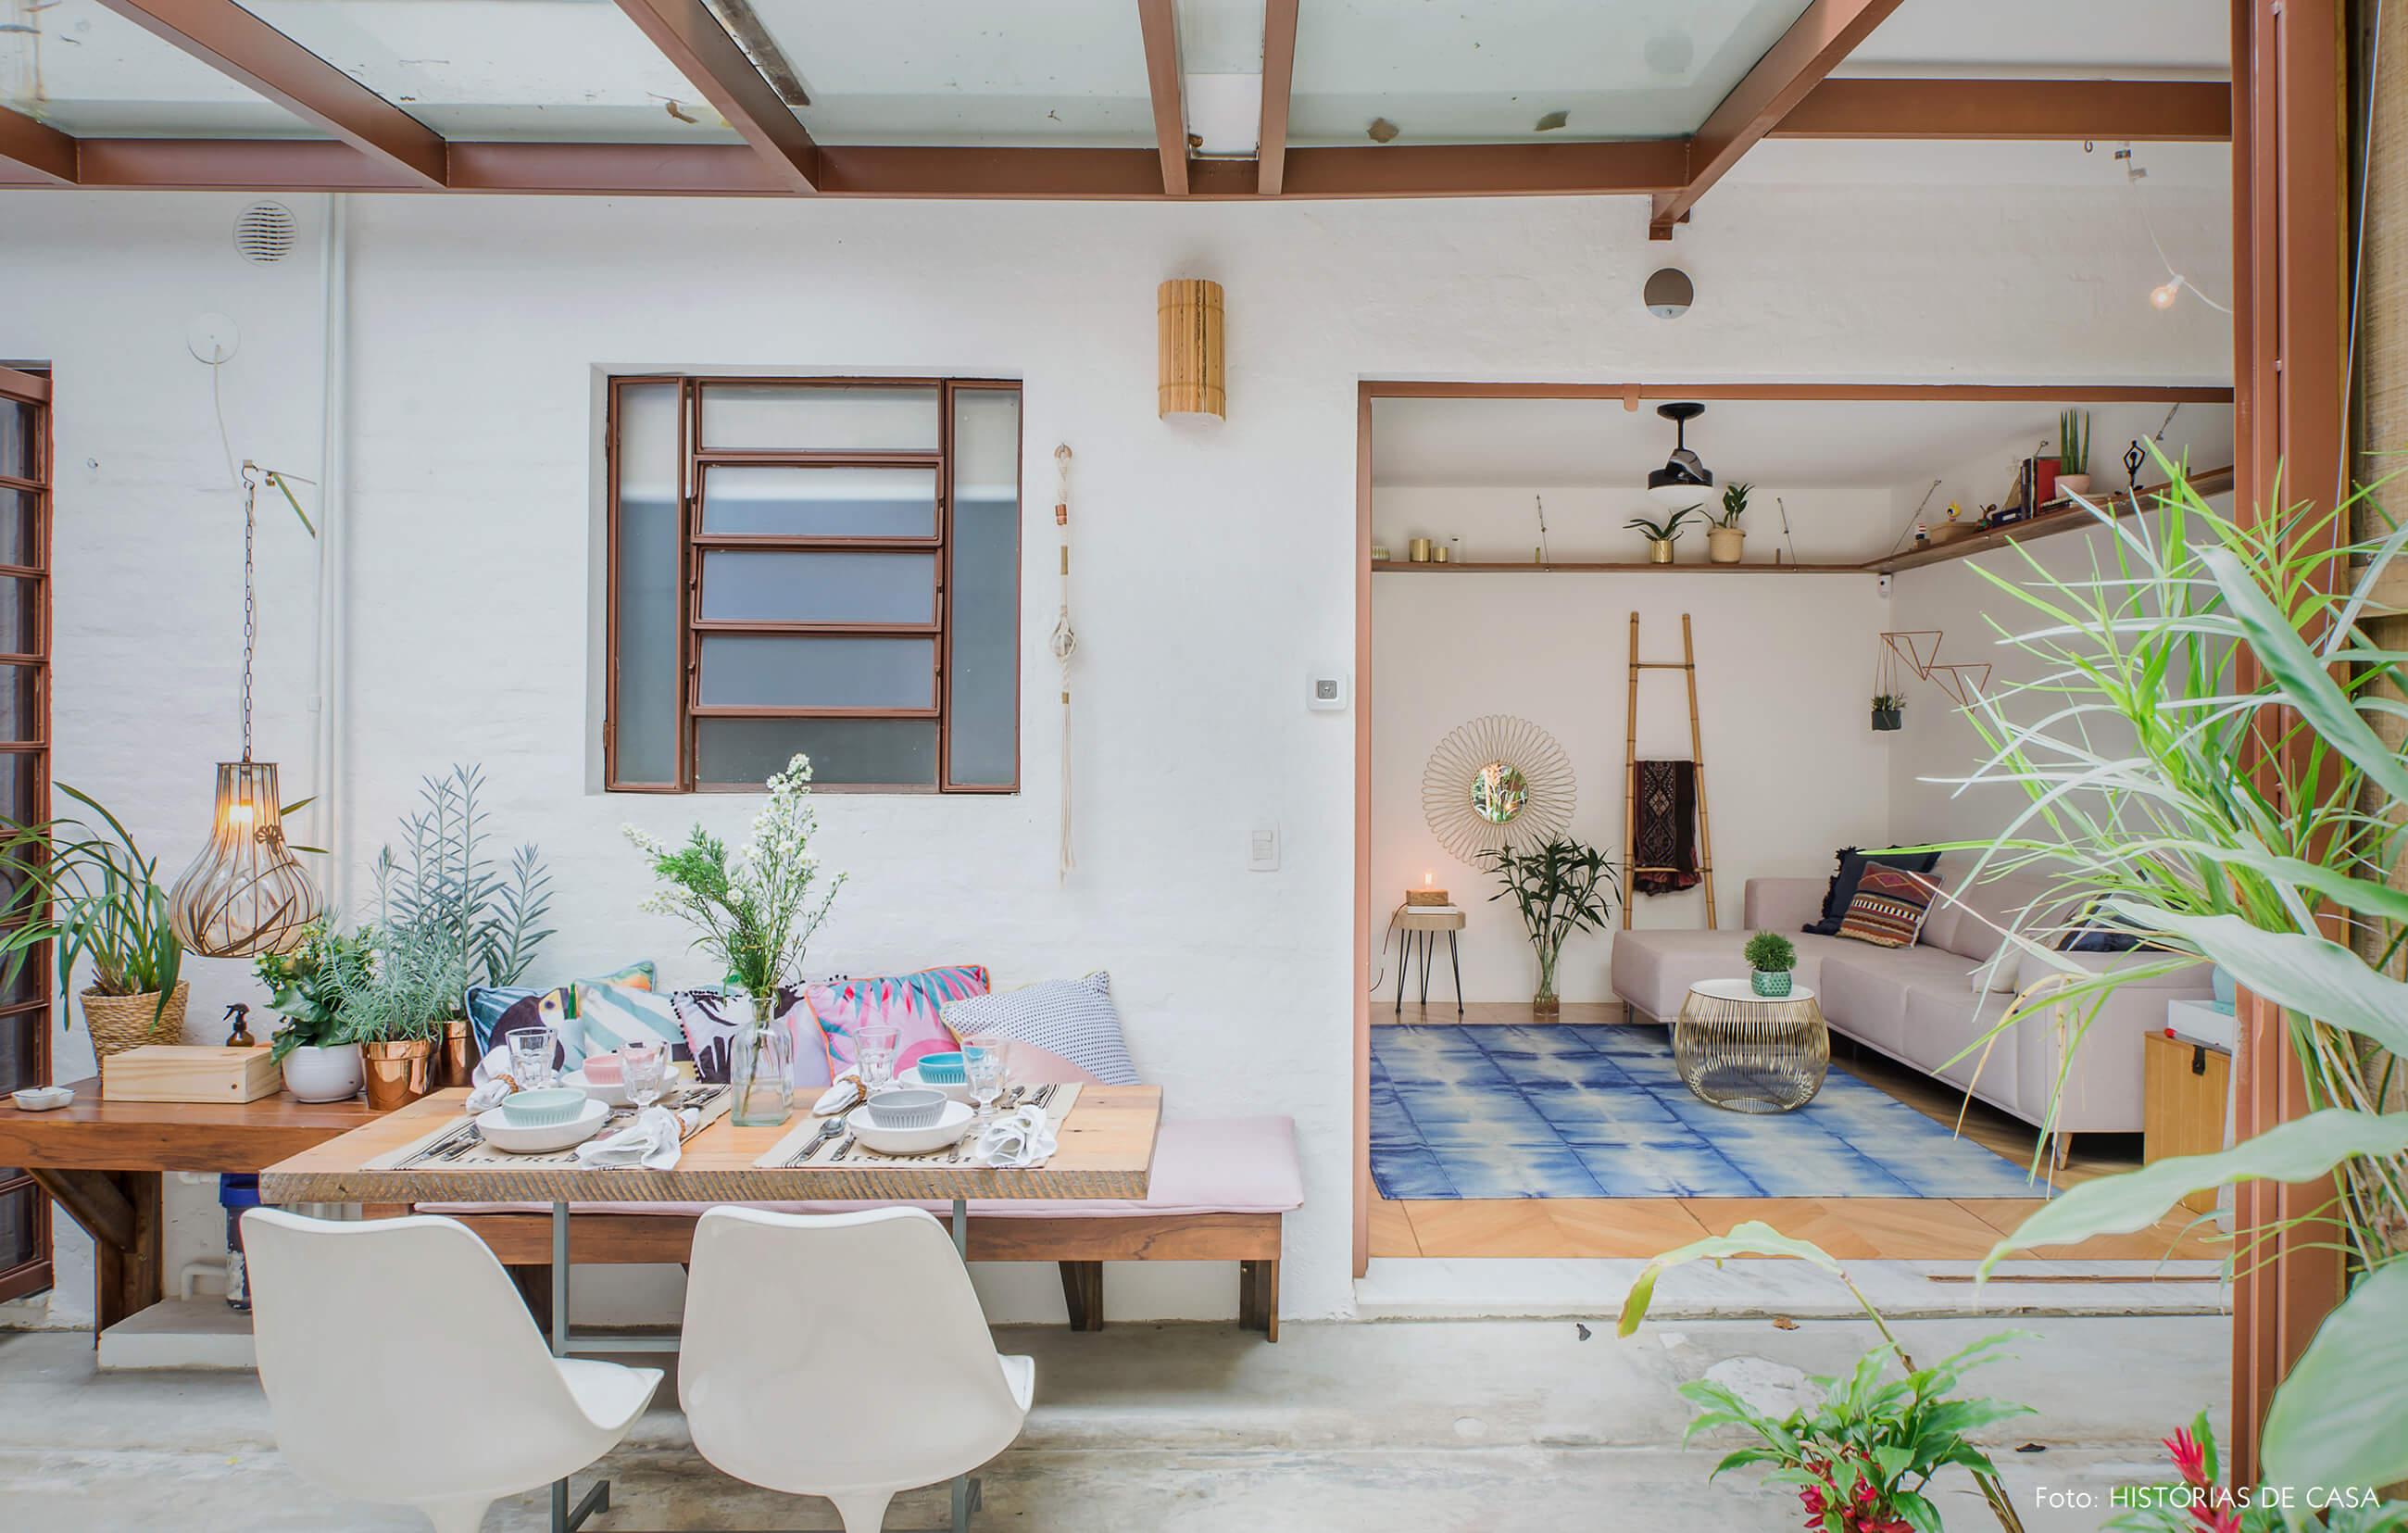 Casa com quintal e mesa de refeições na área externa